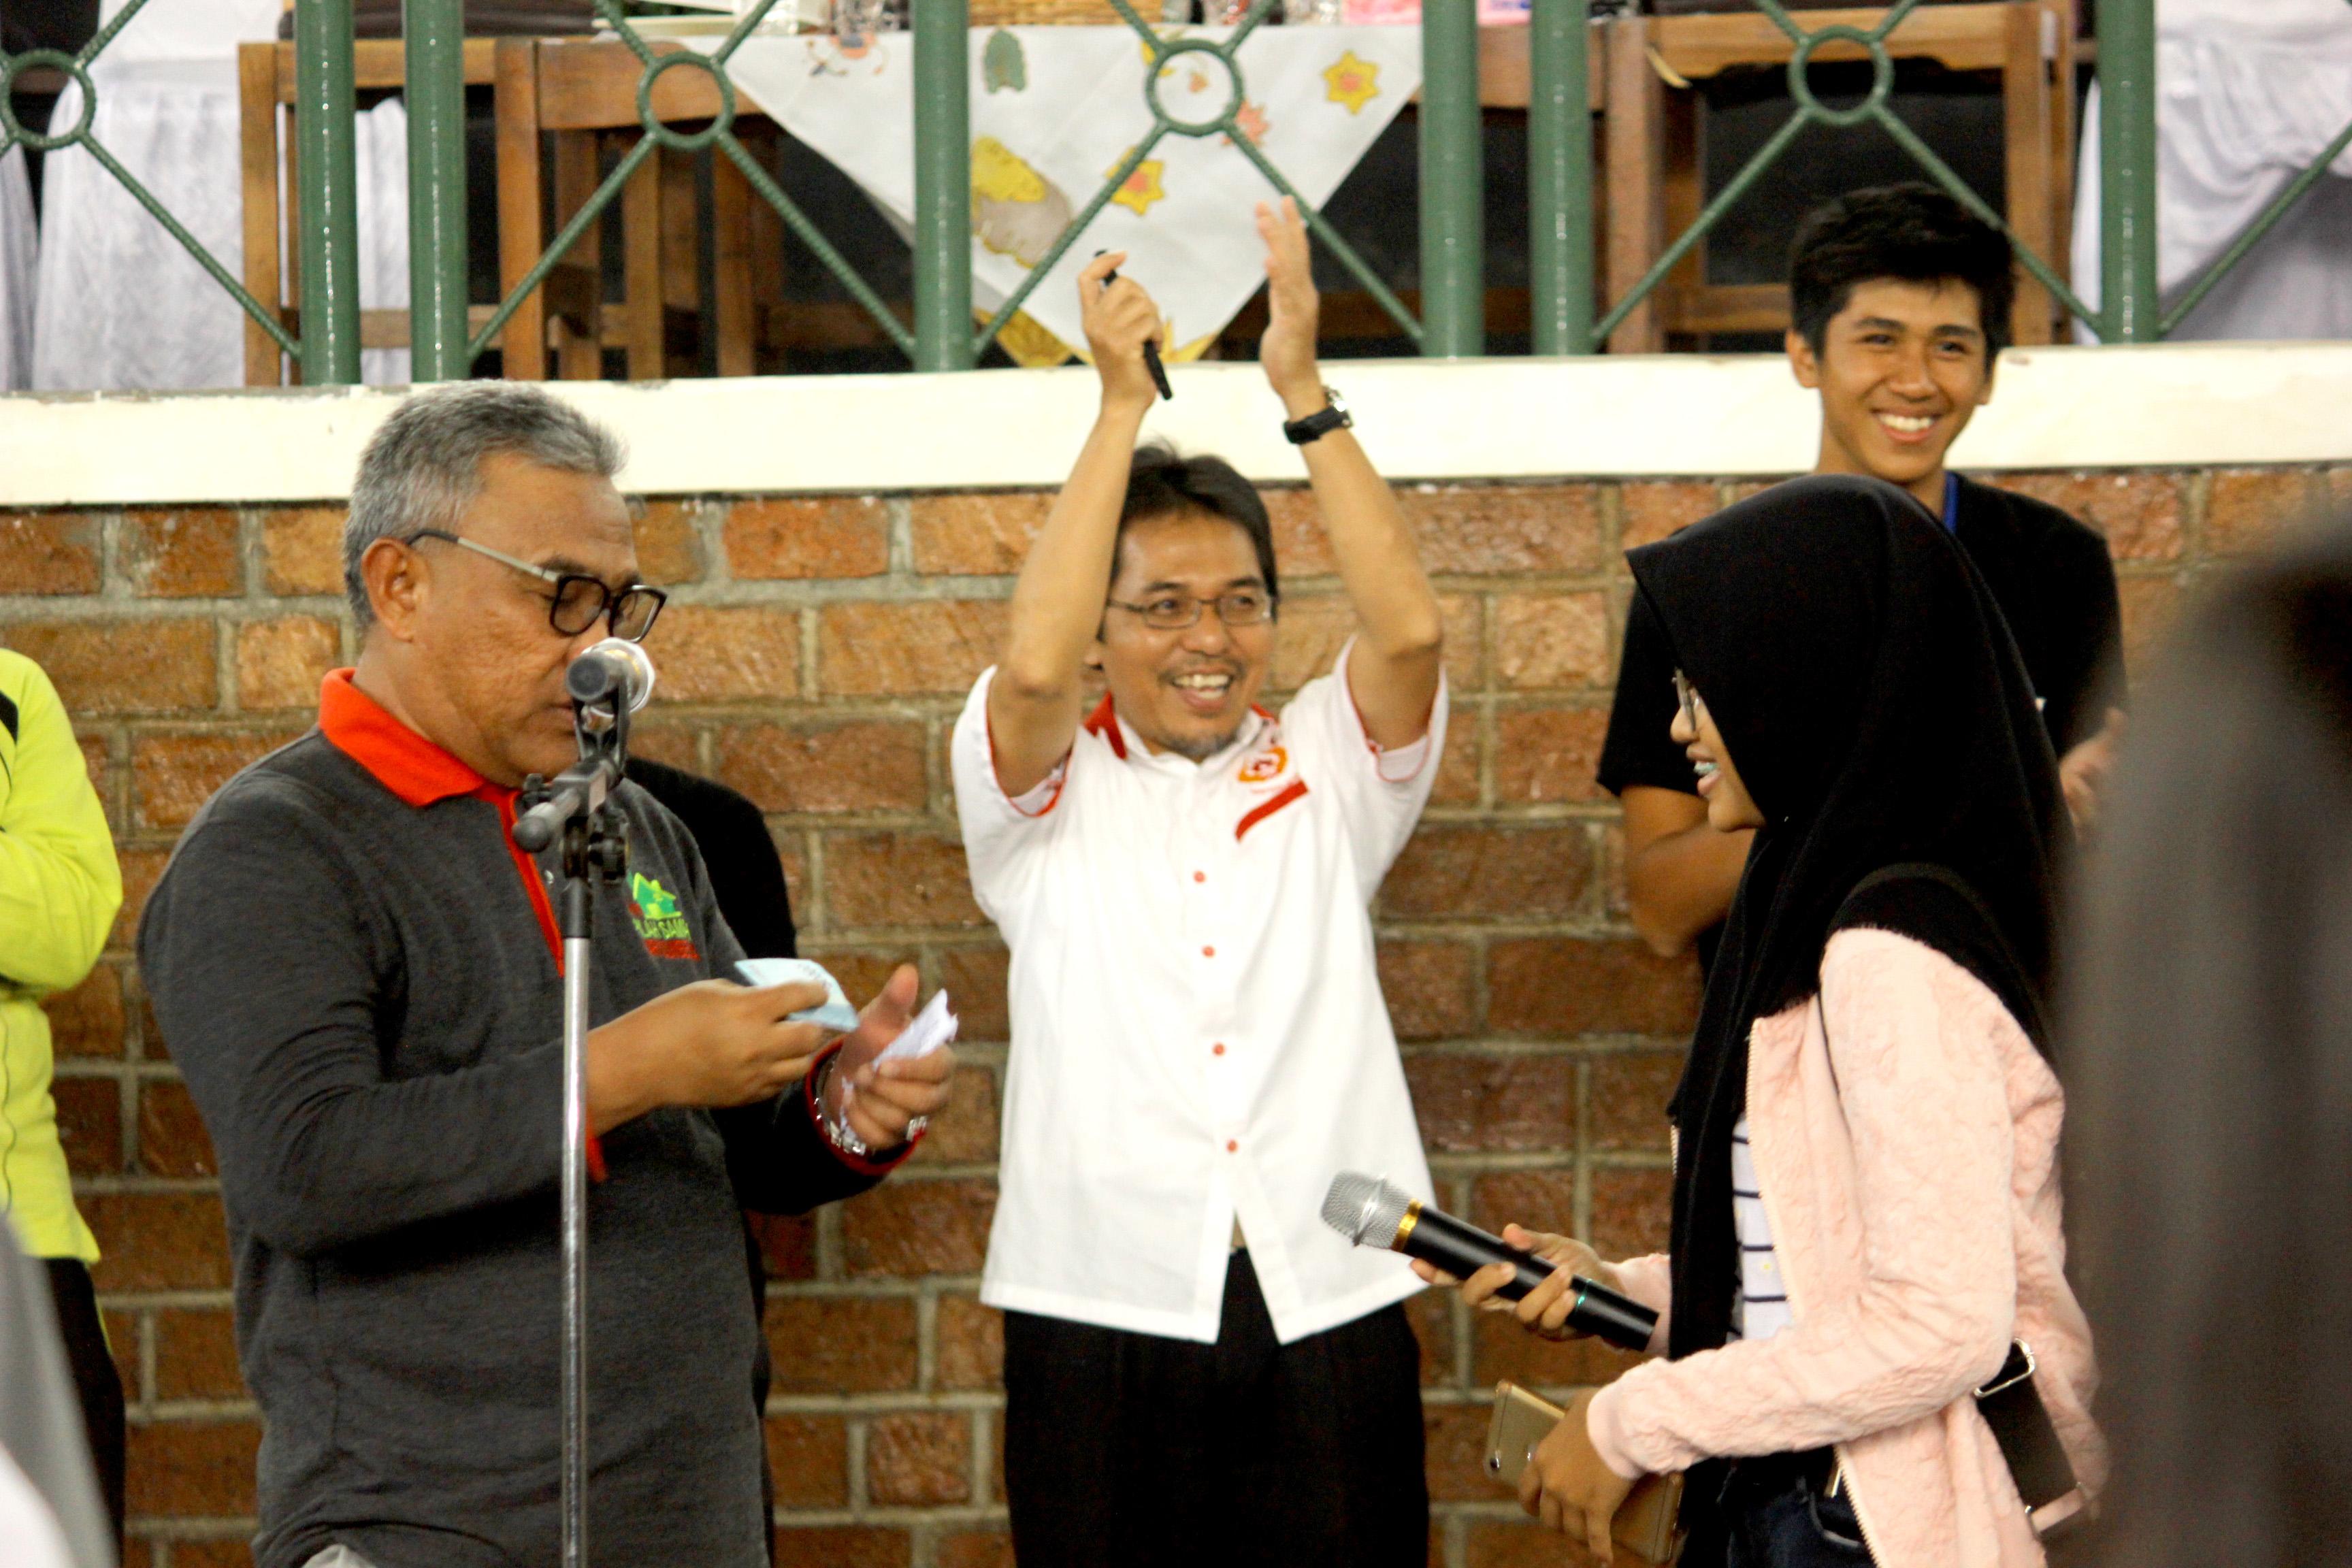 Walikota Depok memberikan hadiah kepada pelajar yang berhasil menjawab quis yang disambut meriah juga oleh ketua KONI Kota Depok Drs Amri Yusra, M.Si